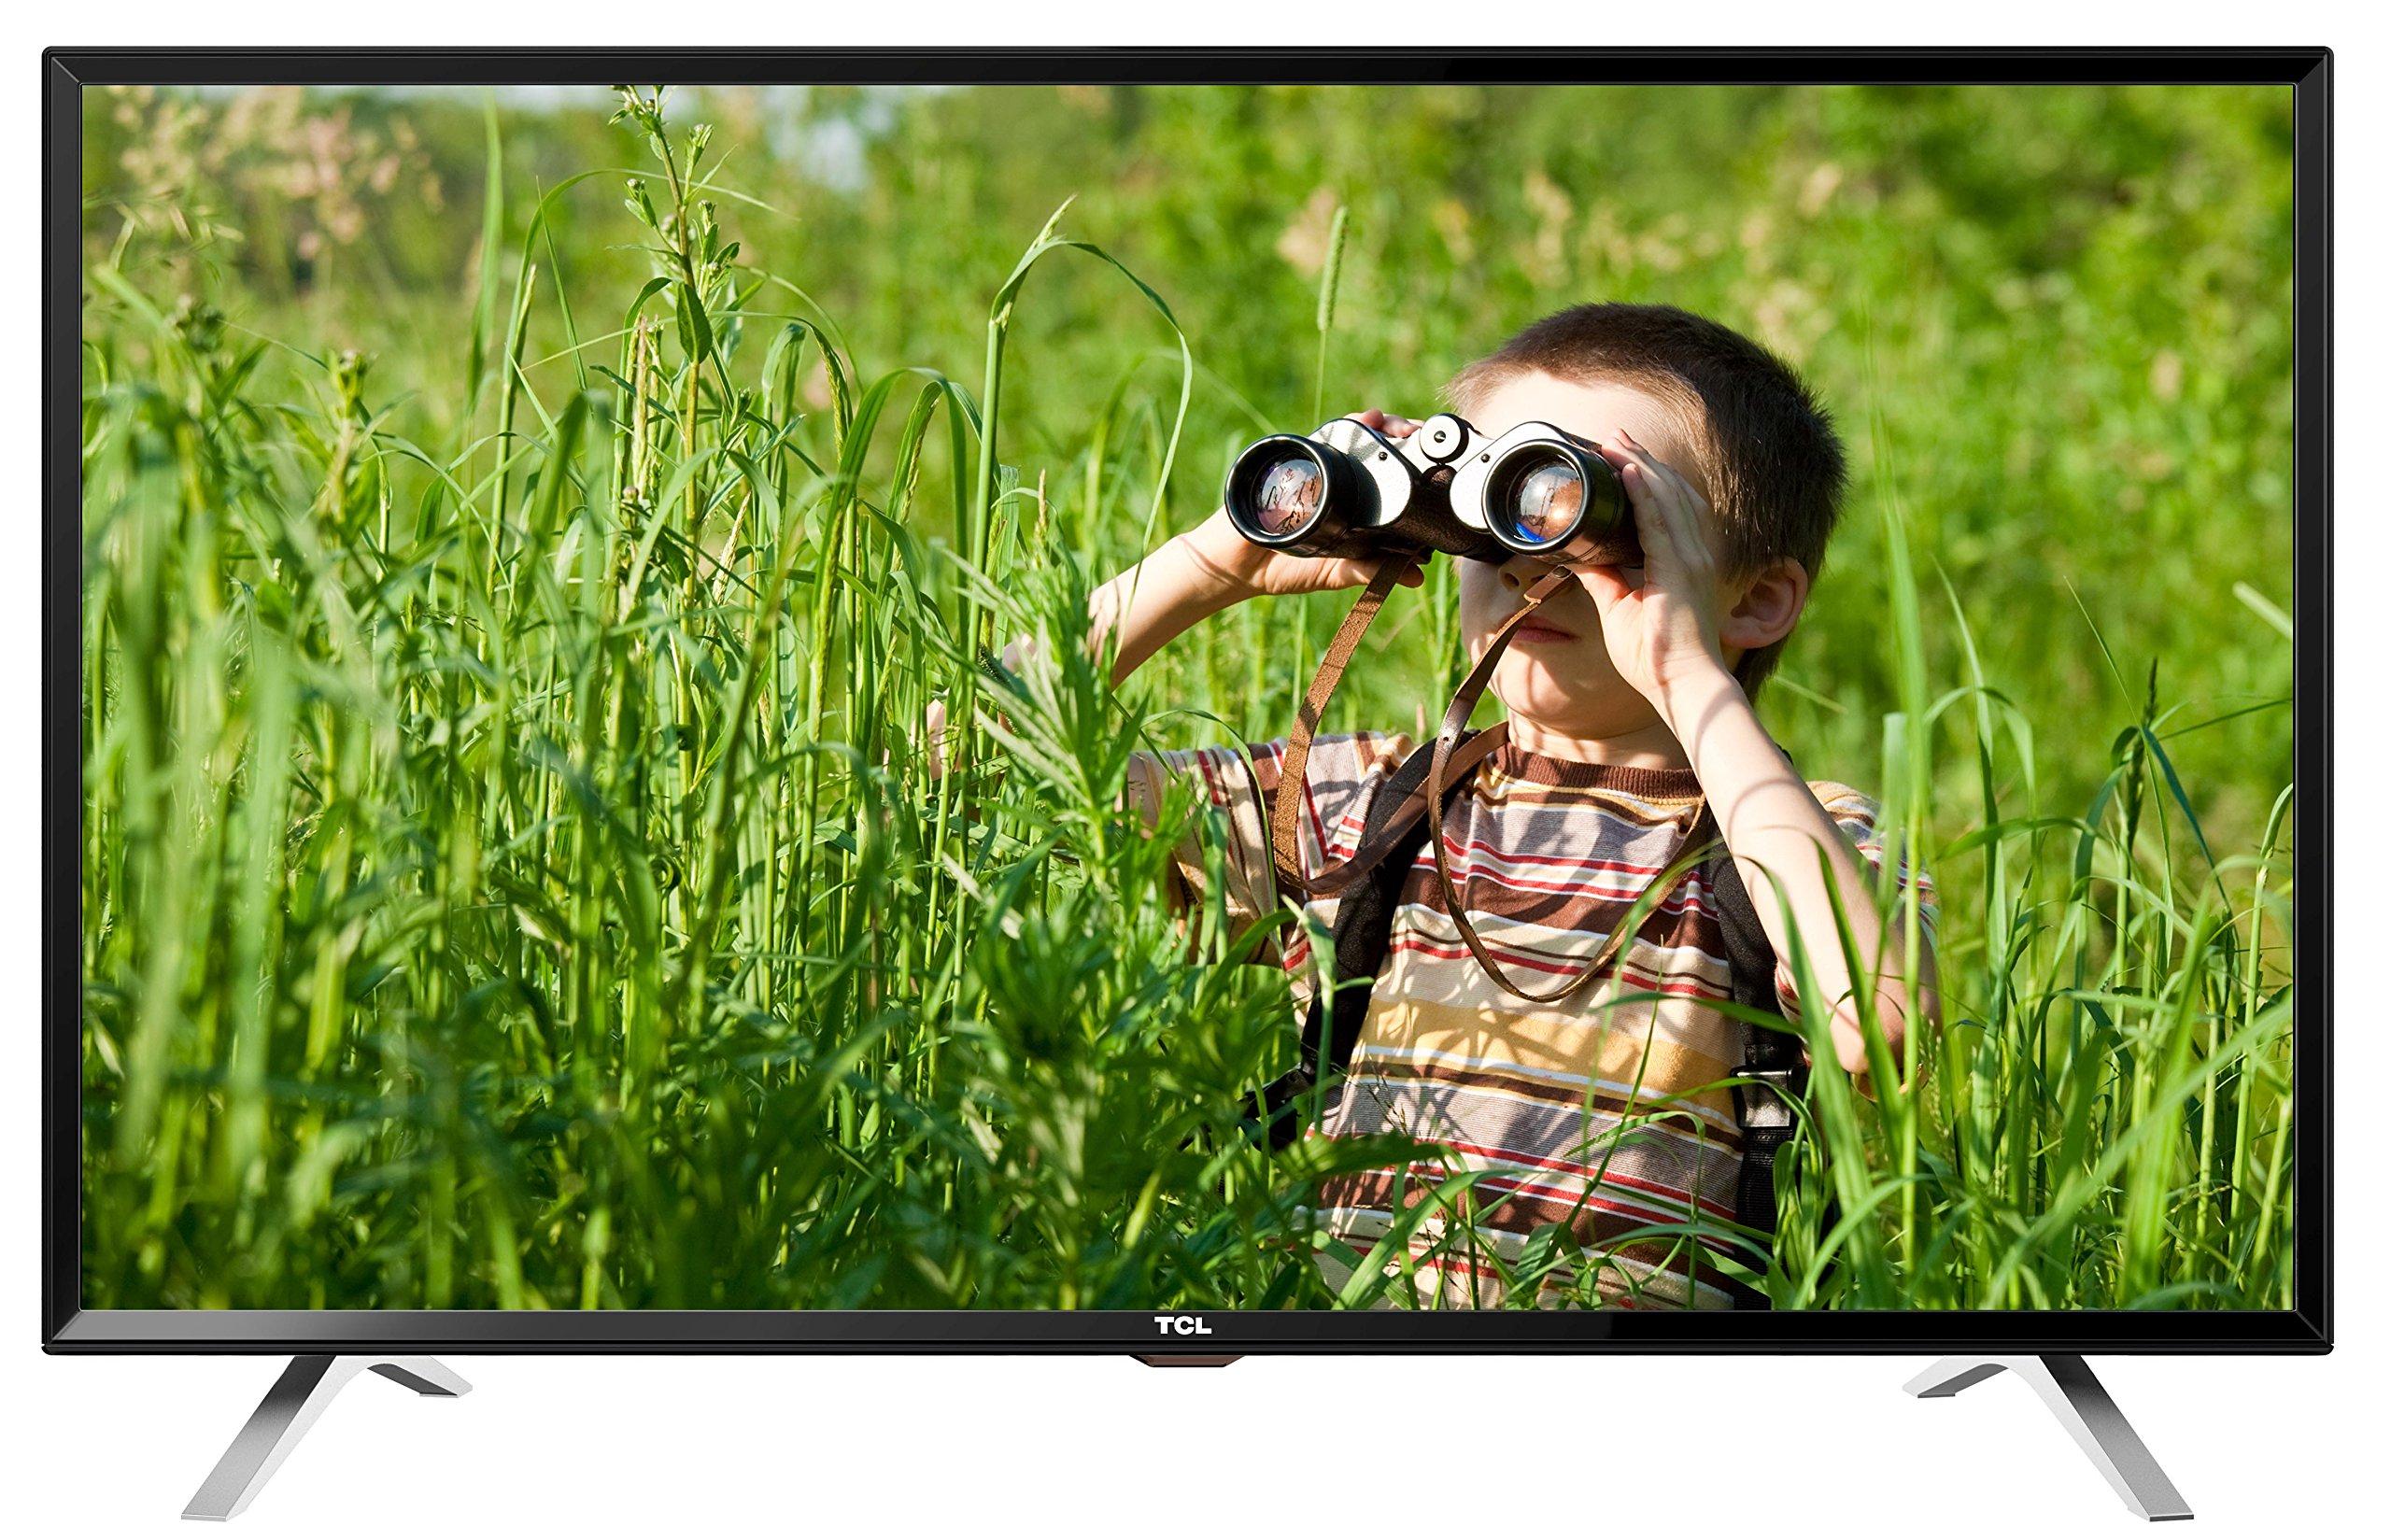 TCL F40S3805 102 cm (40 Pulgadas) de TV (Full HD, sintonizador Triple): Amazon.es: Electrónica